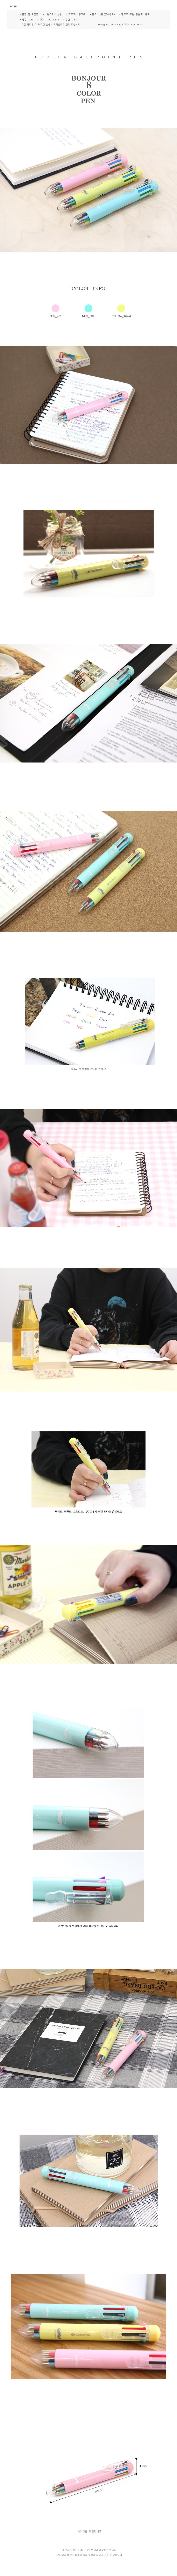 1000봉주르8색볼펜(랜덤발송) - 핑크풋, 1,000원, 데코펜, 지워지는 펜